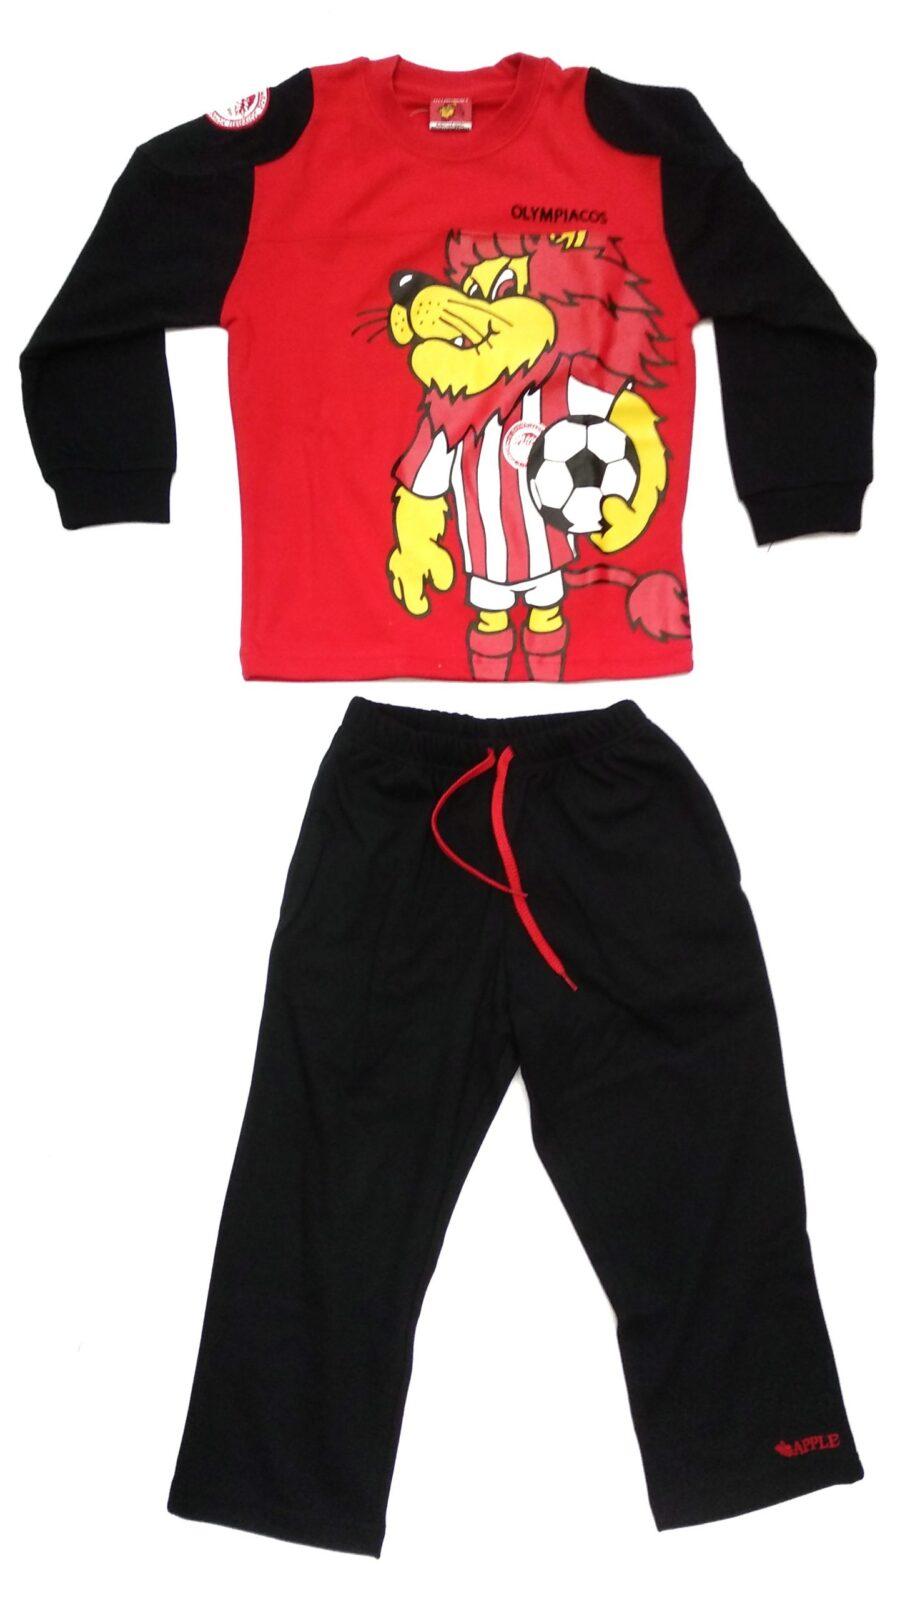 Παιδική-πιτζάμα-ΟΛΥΜΠΙΑΚΟΣ-κόκκινη-scaled-1.jpeg